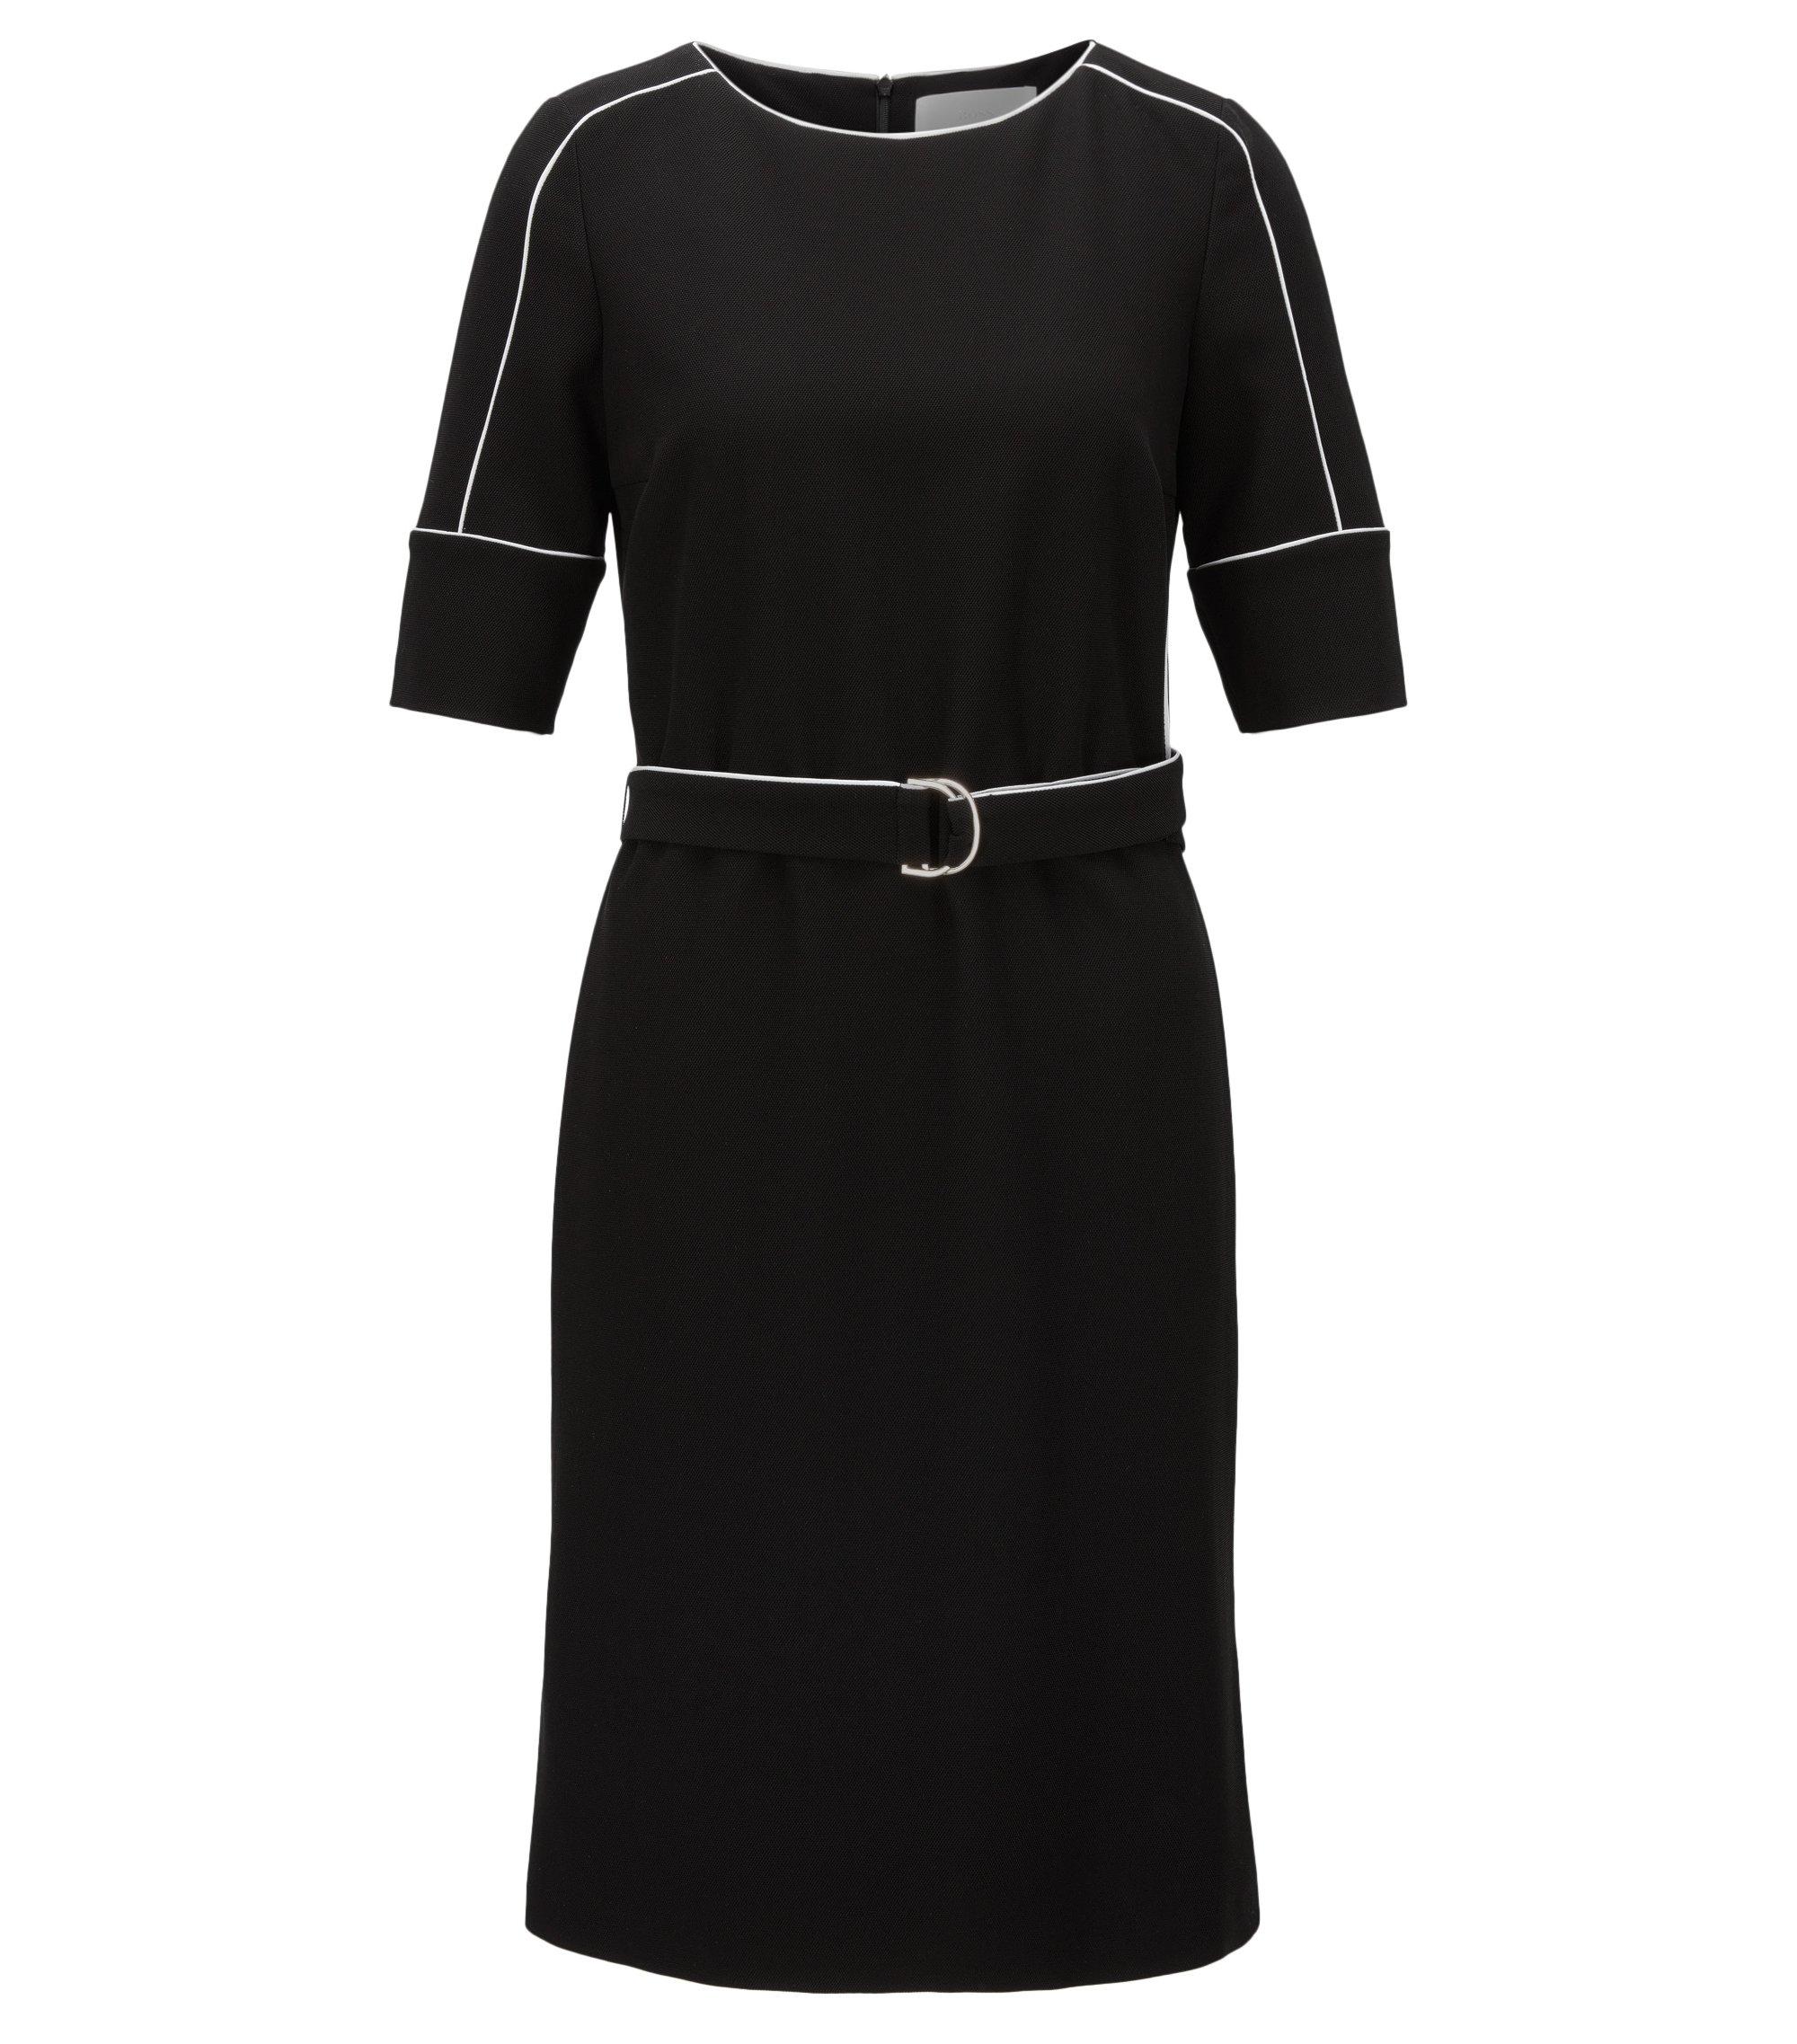 Piped Stretch Shift Dress | Duwimea, Black